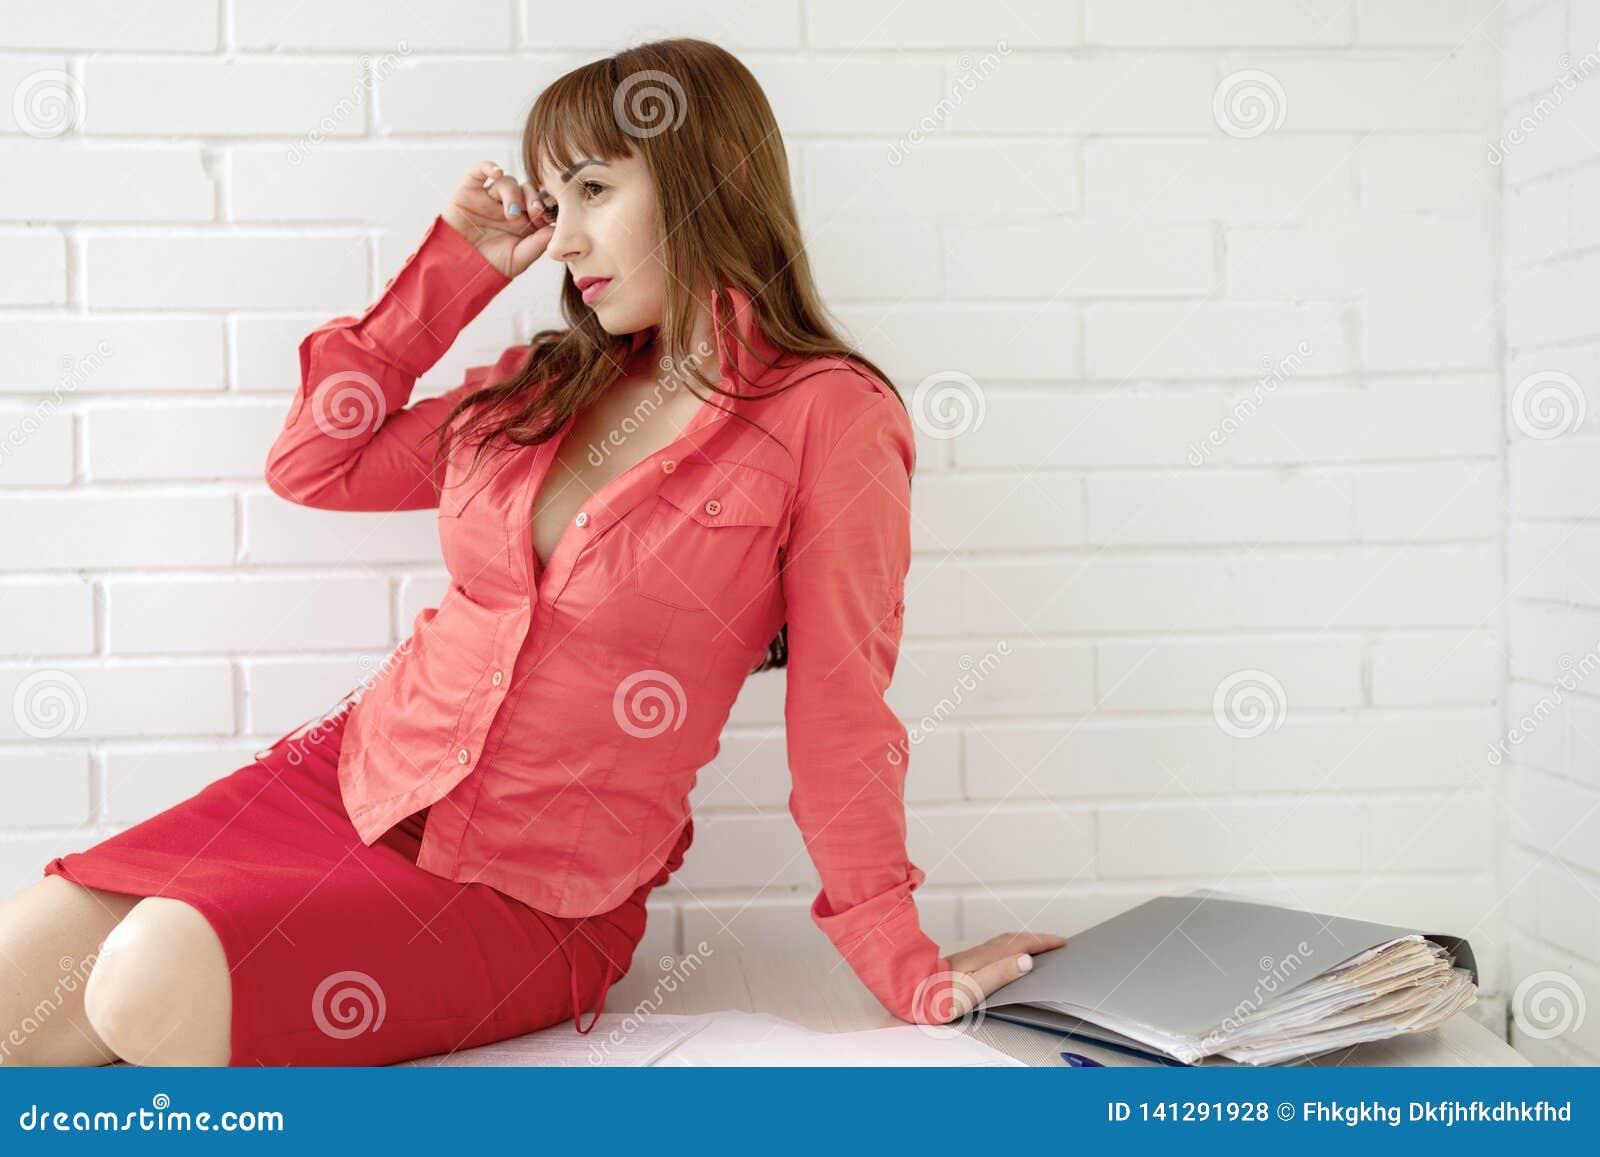 Porträt eines schönen Empfangsdamengeschäftsmädchens, das am Schreibtisch auf einem weißen Hintergrund sitzt